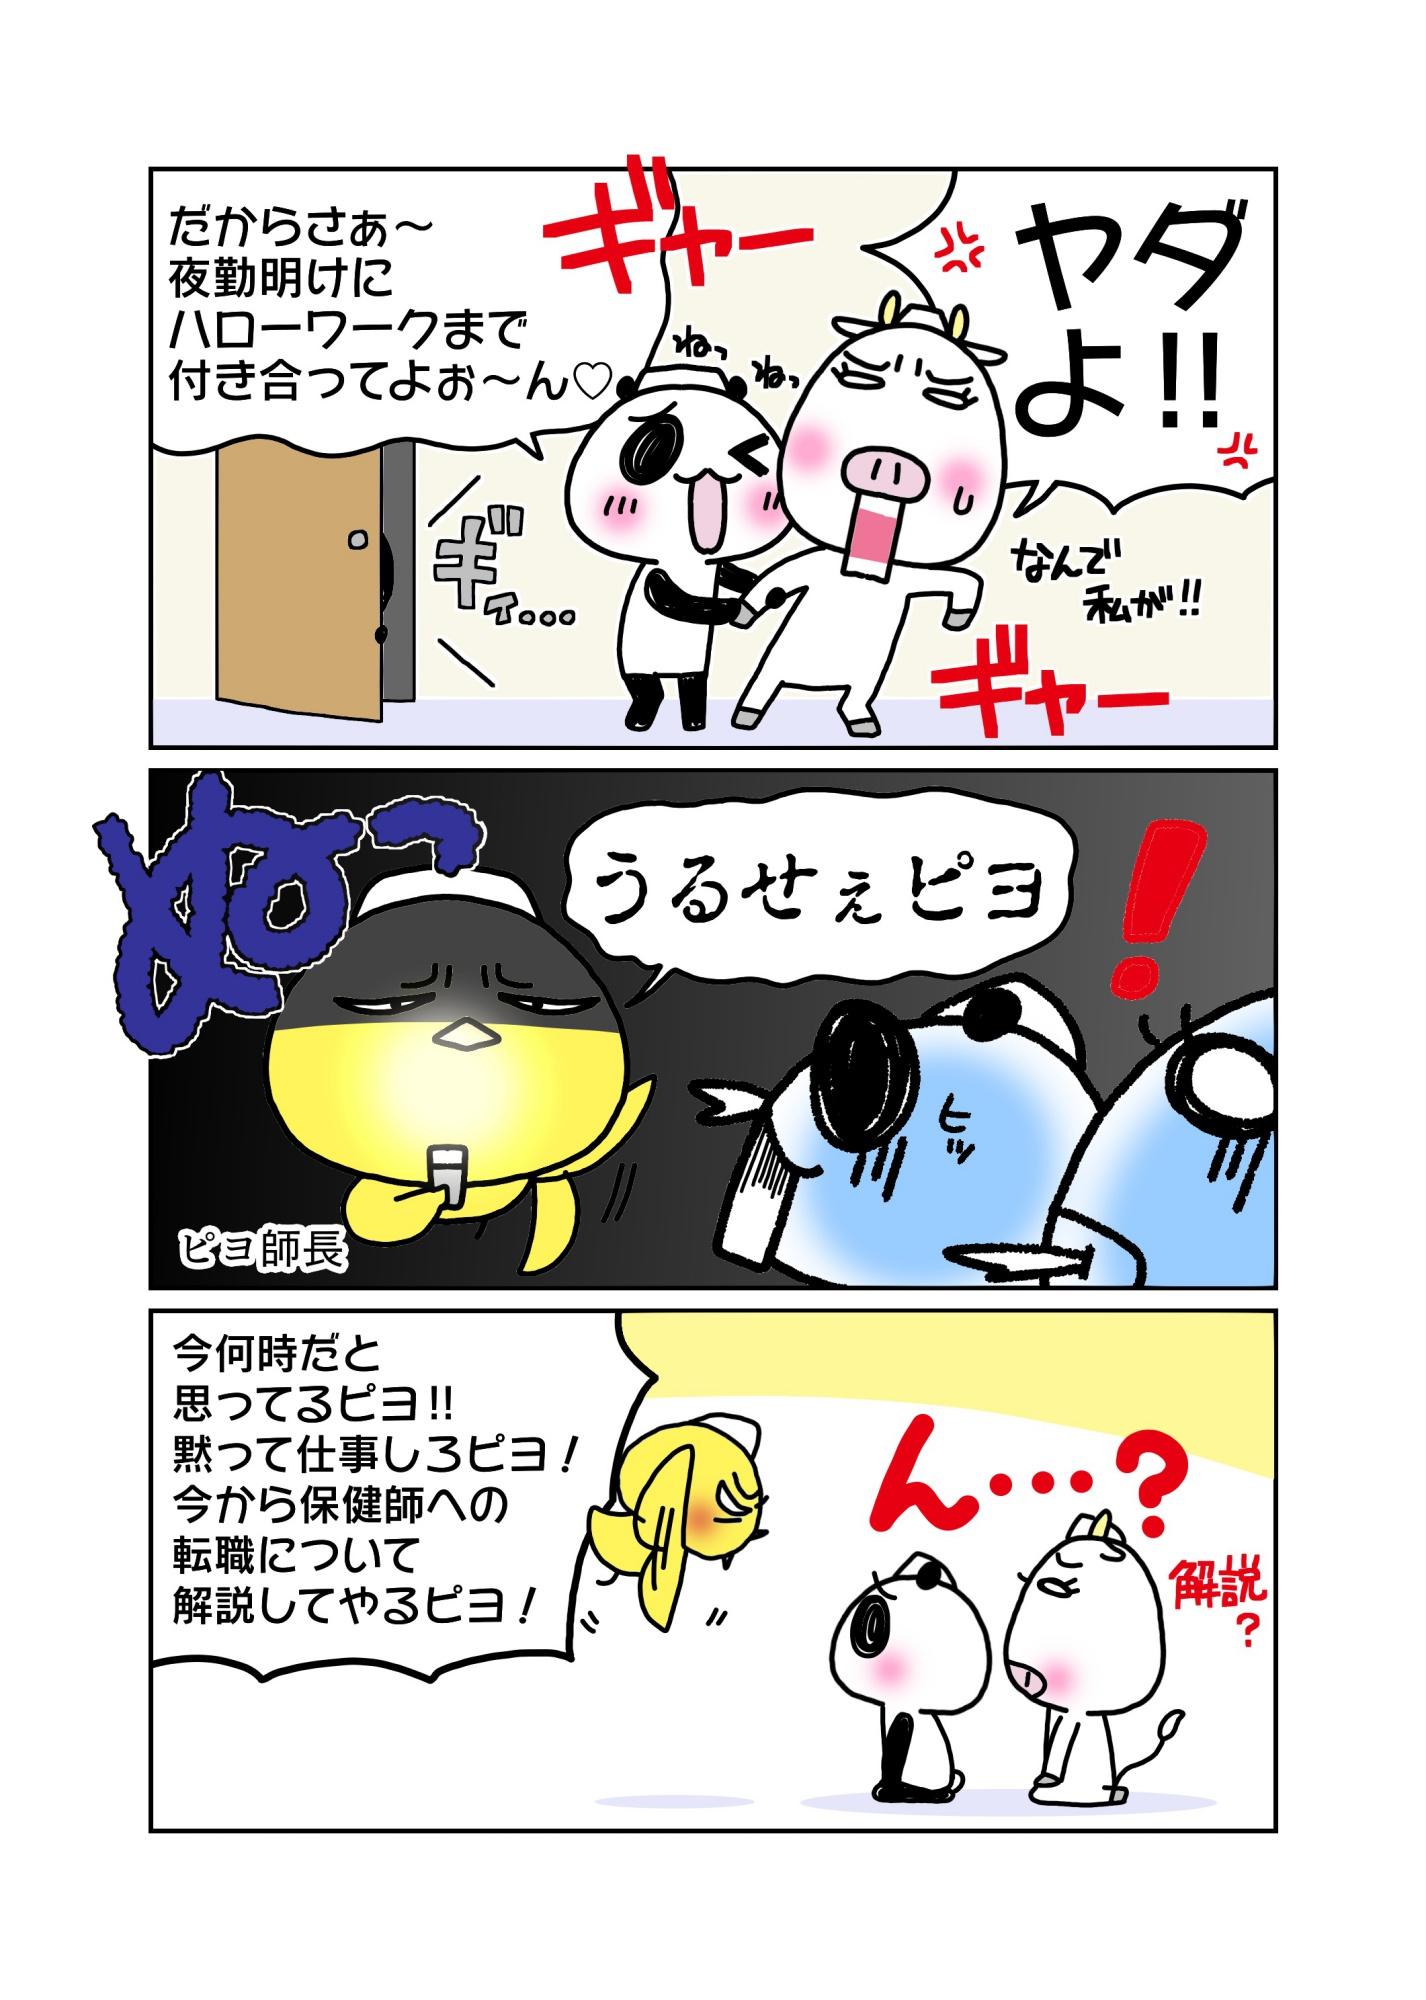 『看護師から保健師に転職したい!!』マンガ2ページ